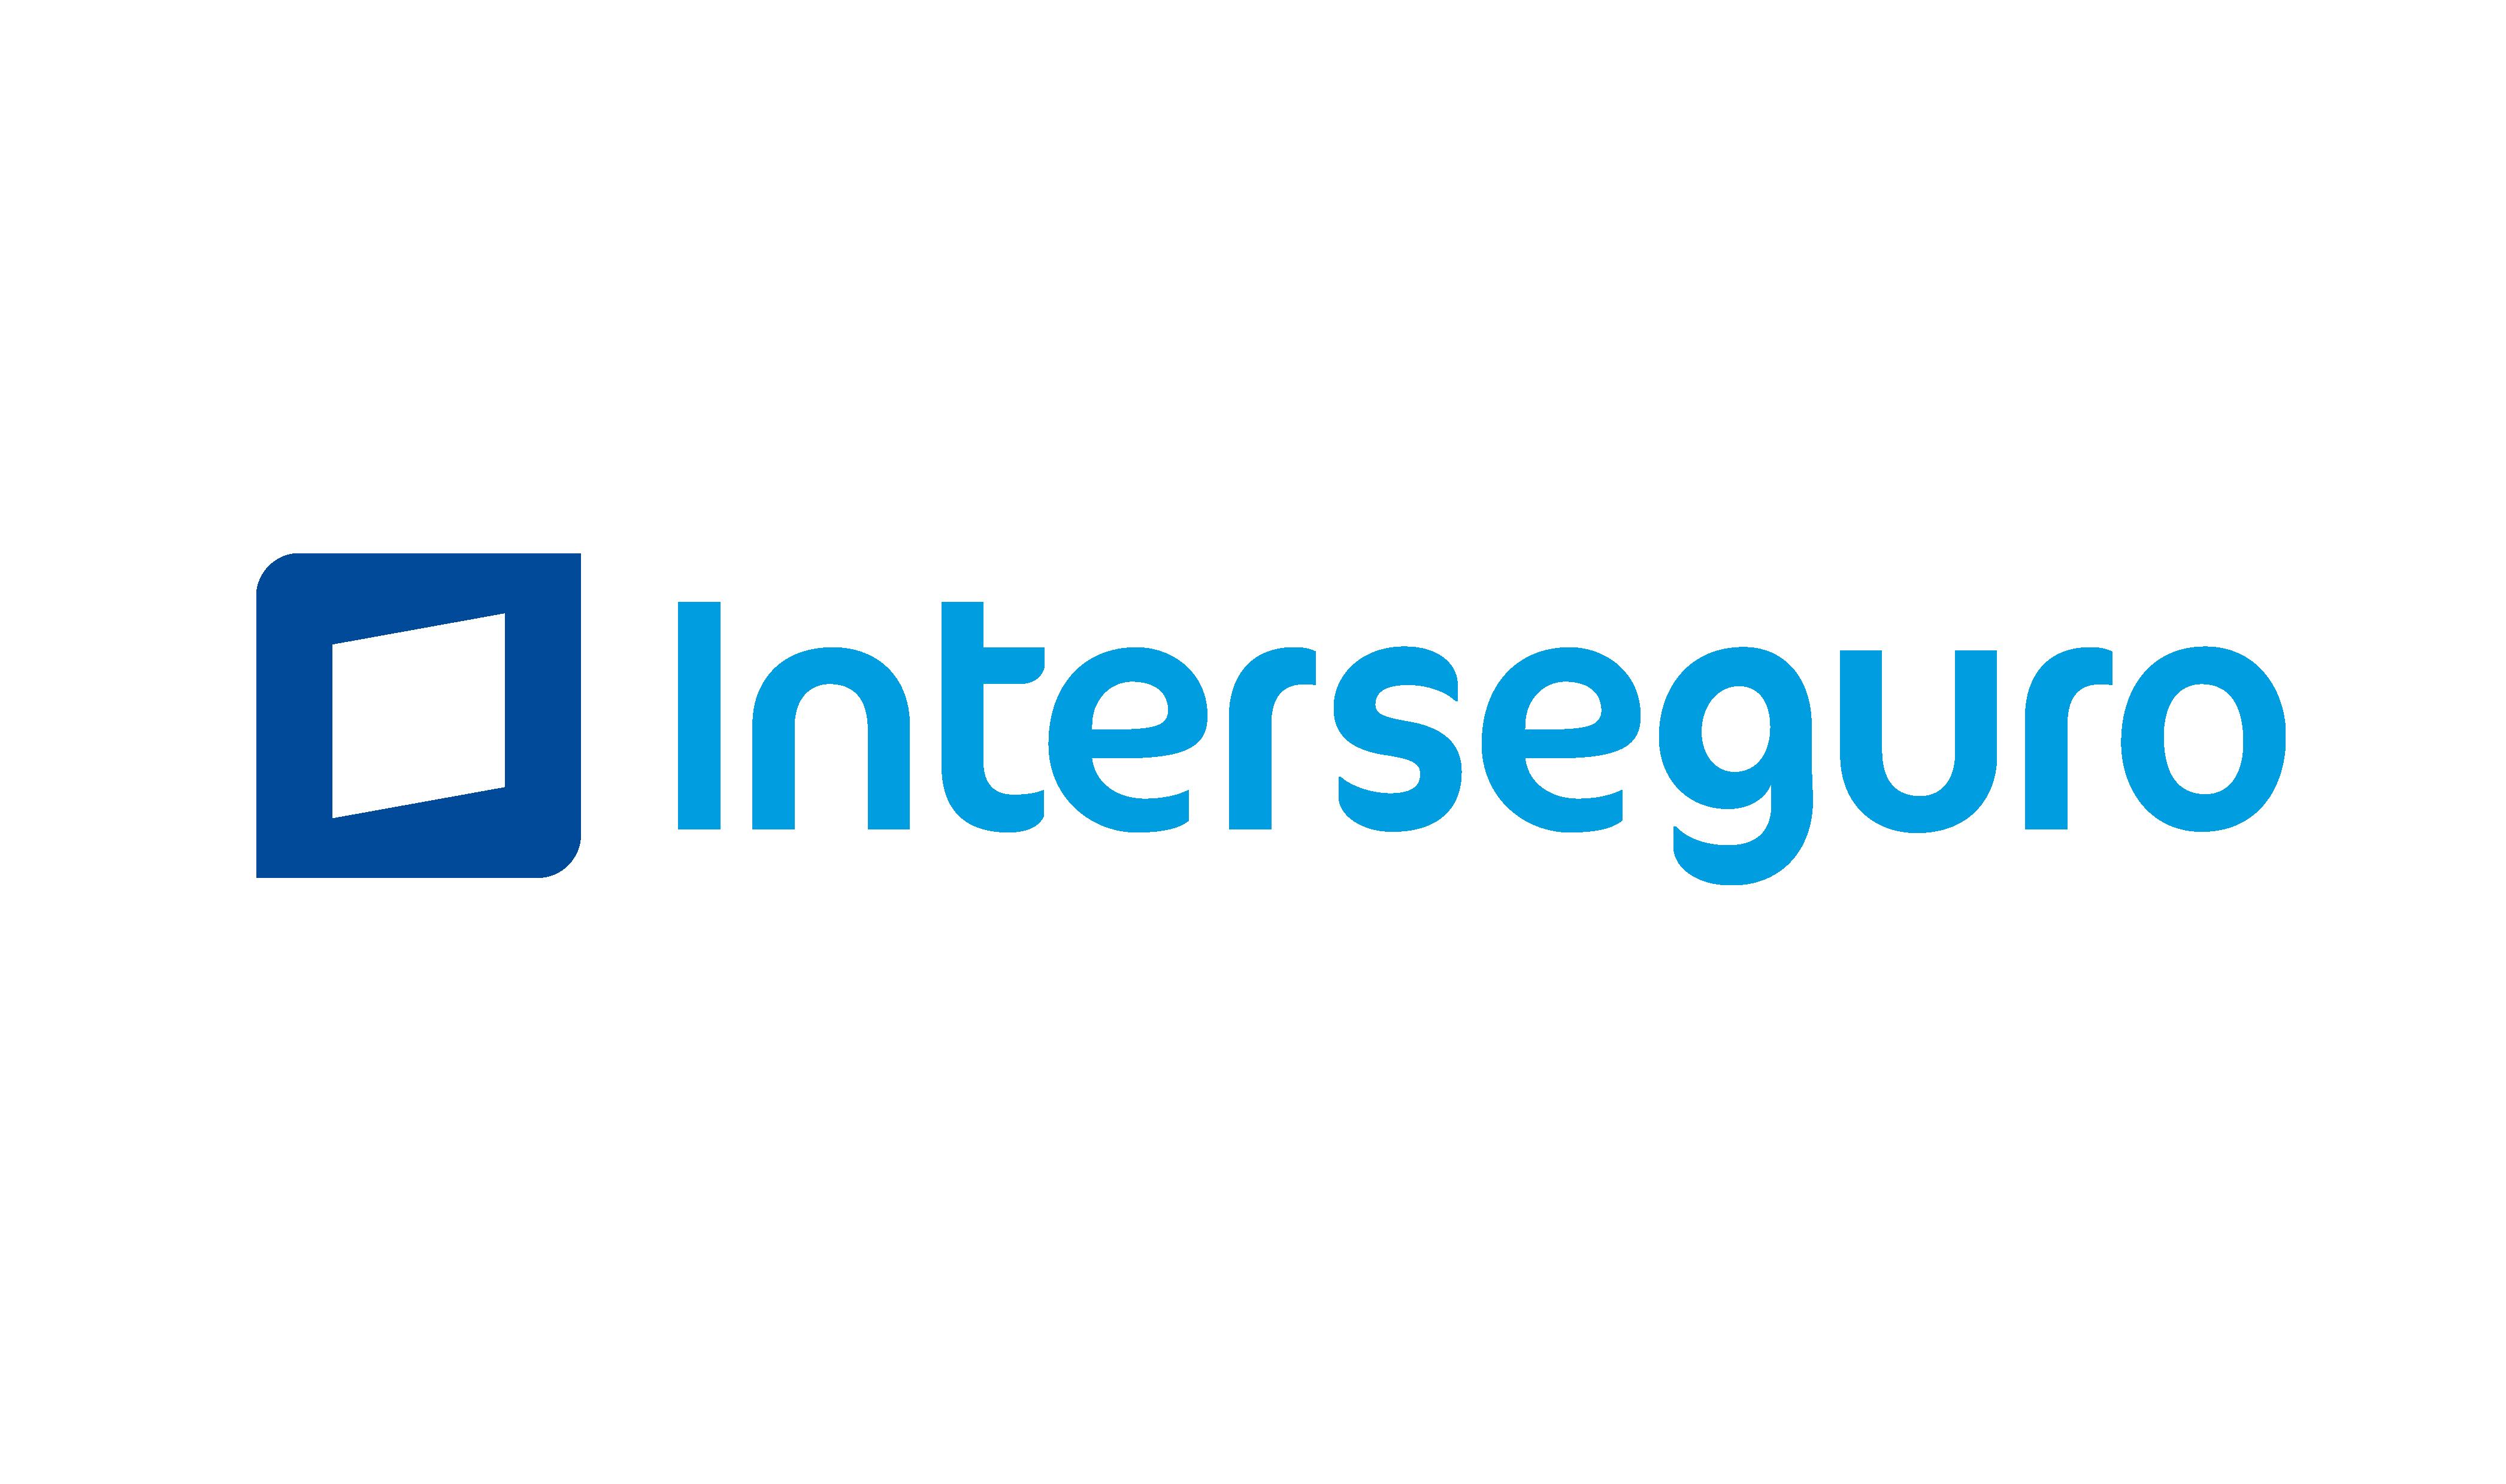 Interseguro